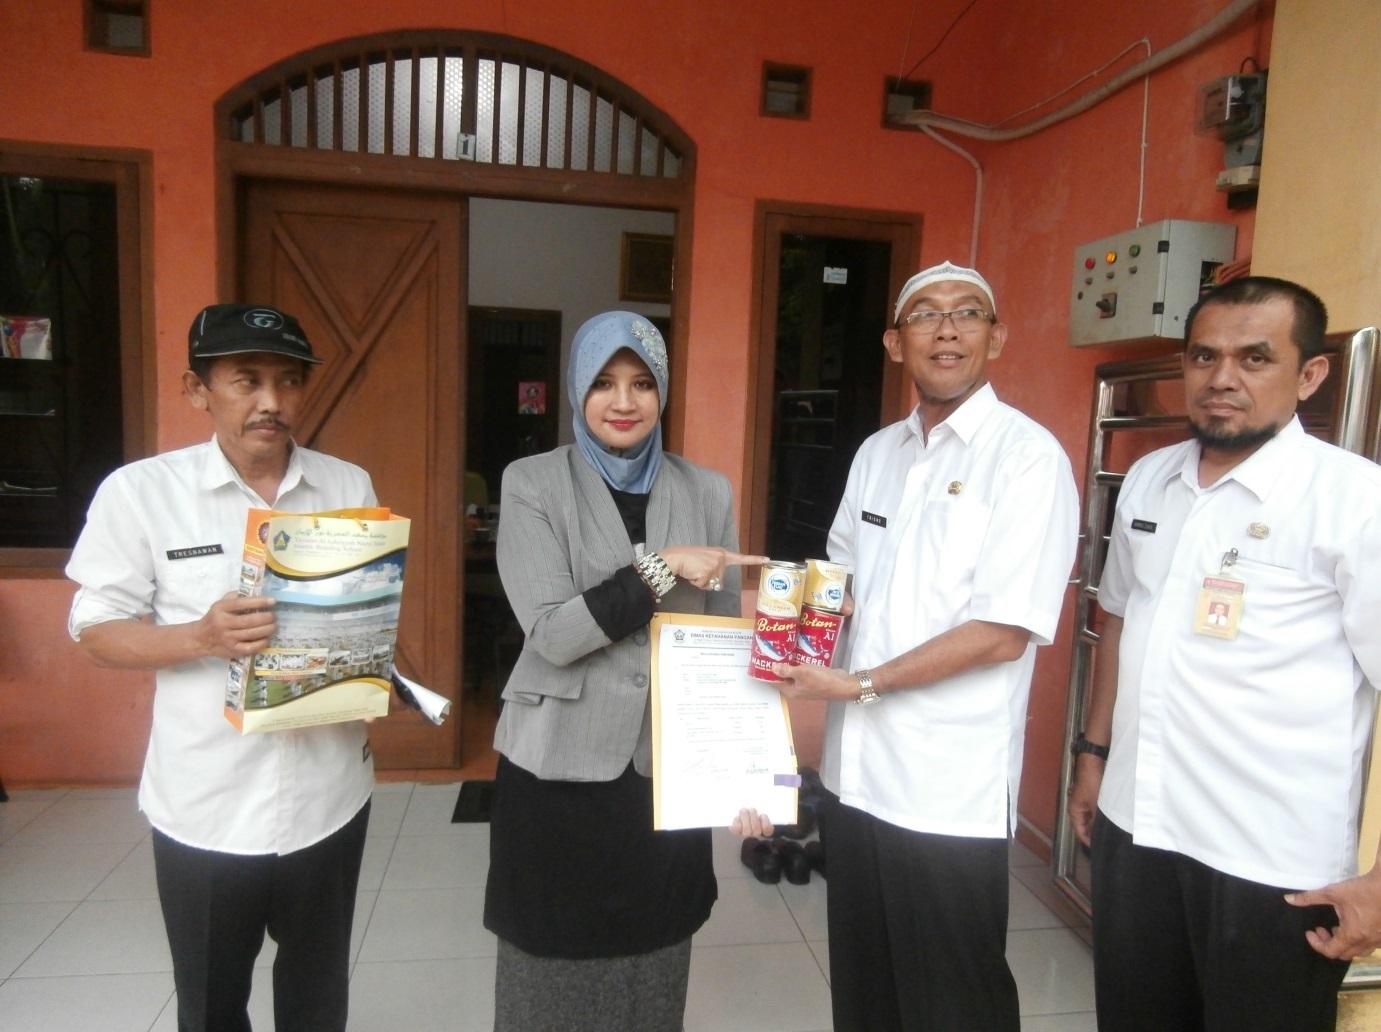 Penyerahan Paket Bantuan secara Simbolis oleh Kepala Dinas Ketahanan Pangan kepada Pembina Yayasan As-Shriyyah Nurul Iman